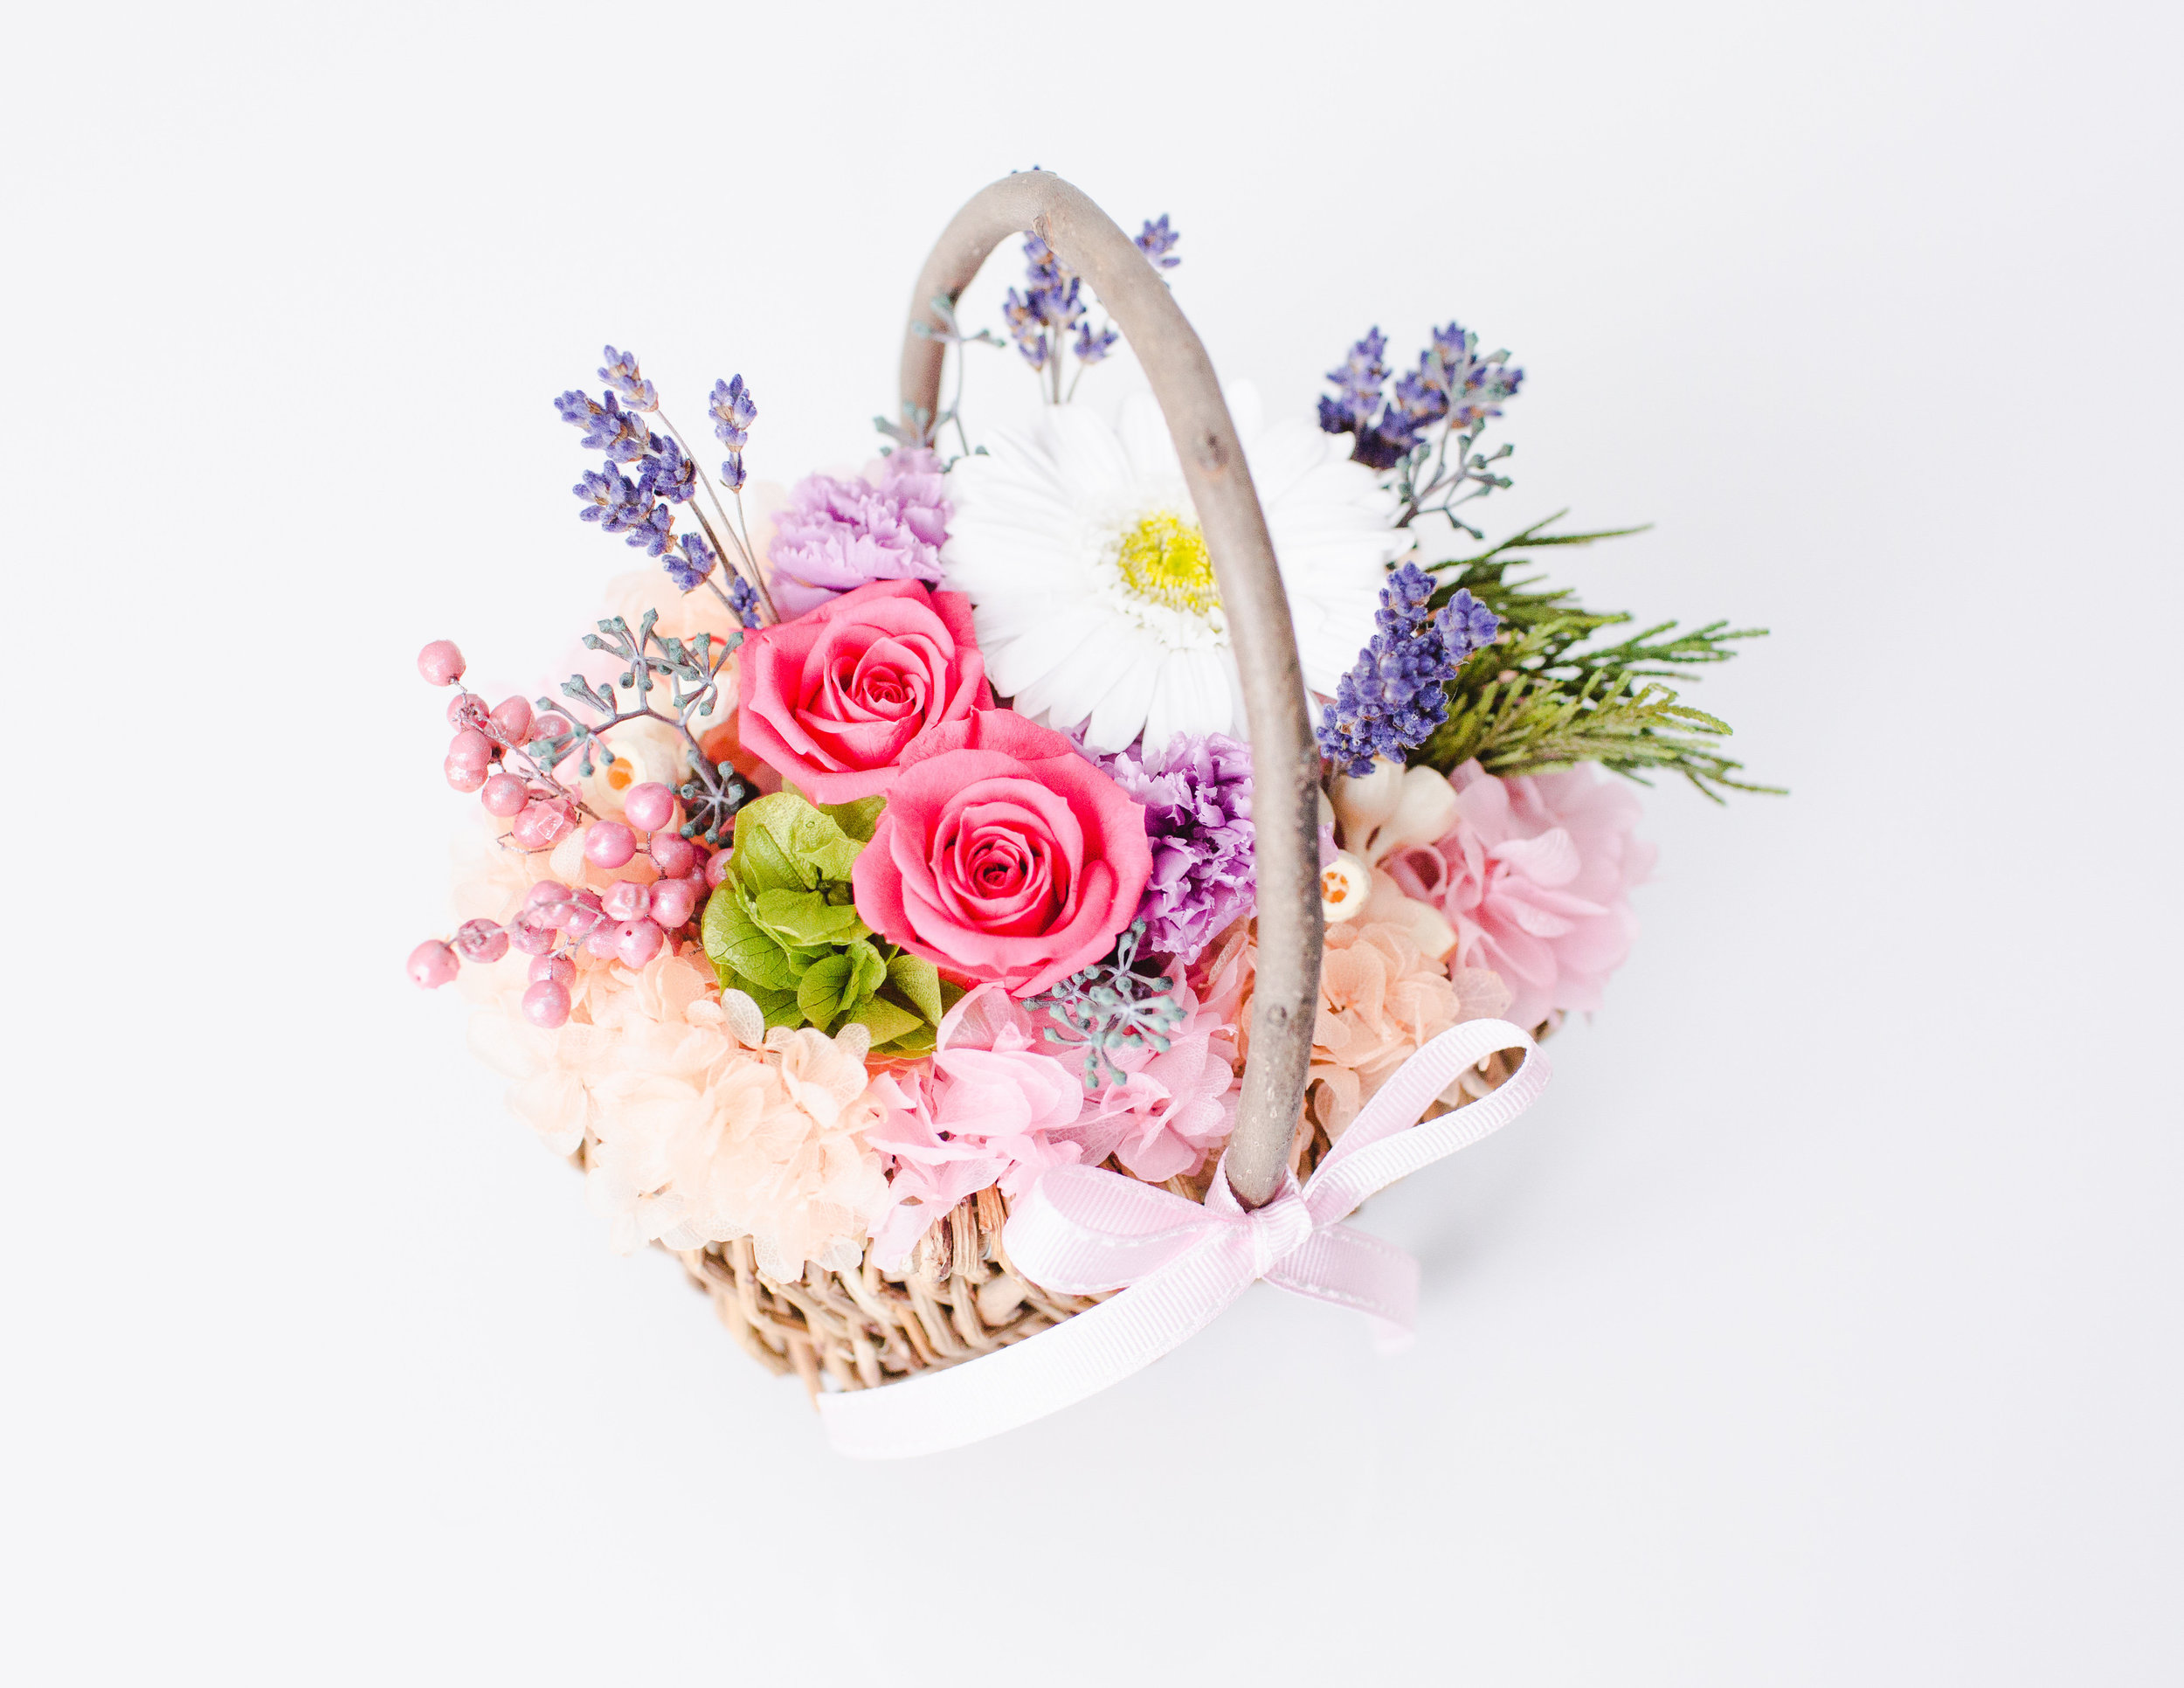 Eardley Flower by Chisa-Full Gallery-0018.jpg